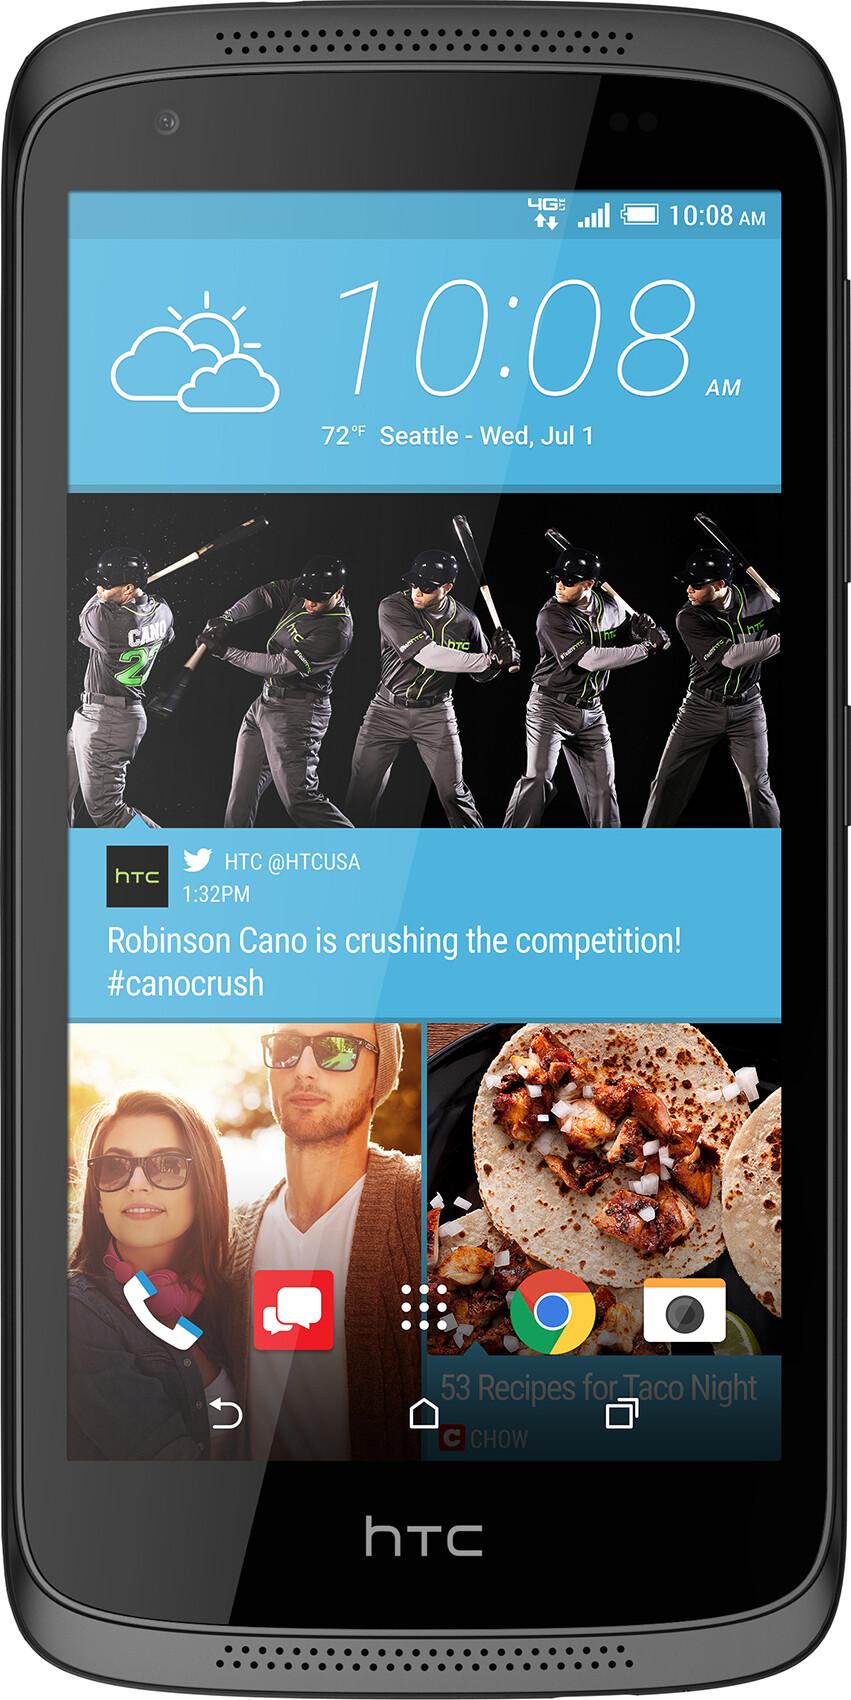 HTC Desire 526 vs Motorola Moto E4 vs LG Aristo 2 - Visual